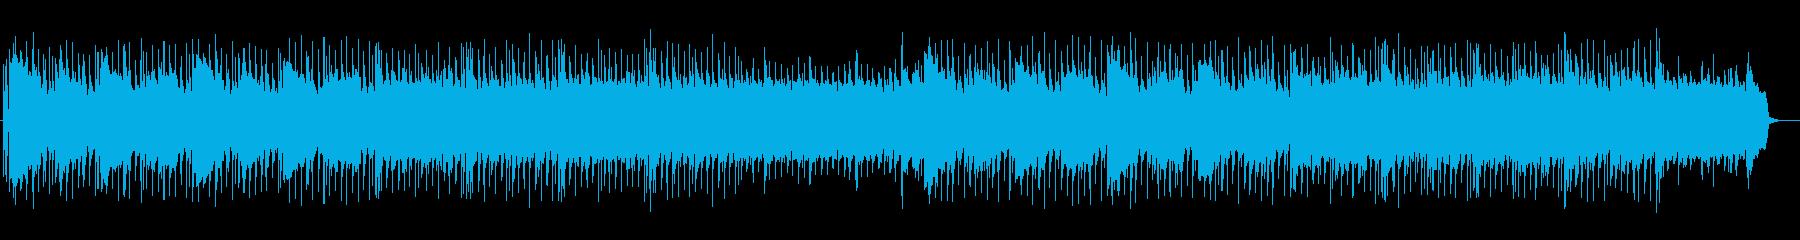 魅惑的で独特の響きのあるミュージックの再生済みの波形